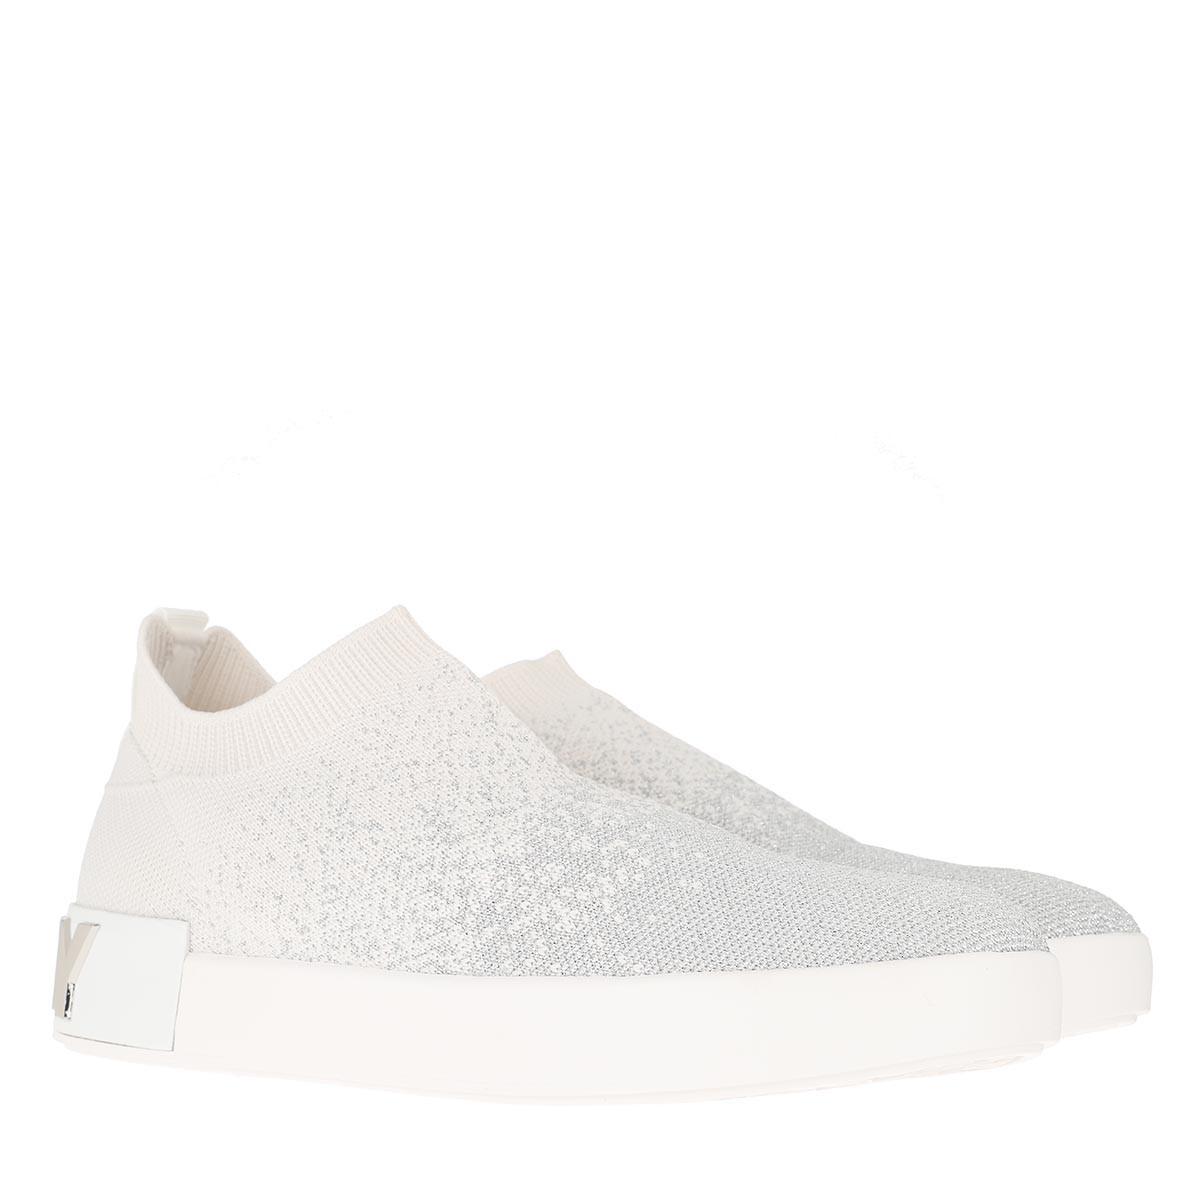 DKNY Sneakers - Sayda Sock Sneaker Silver/White - in silber - für Damen